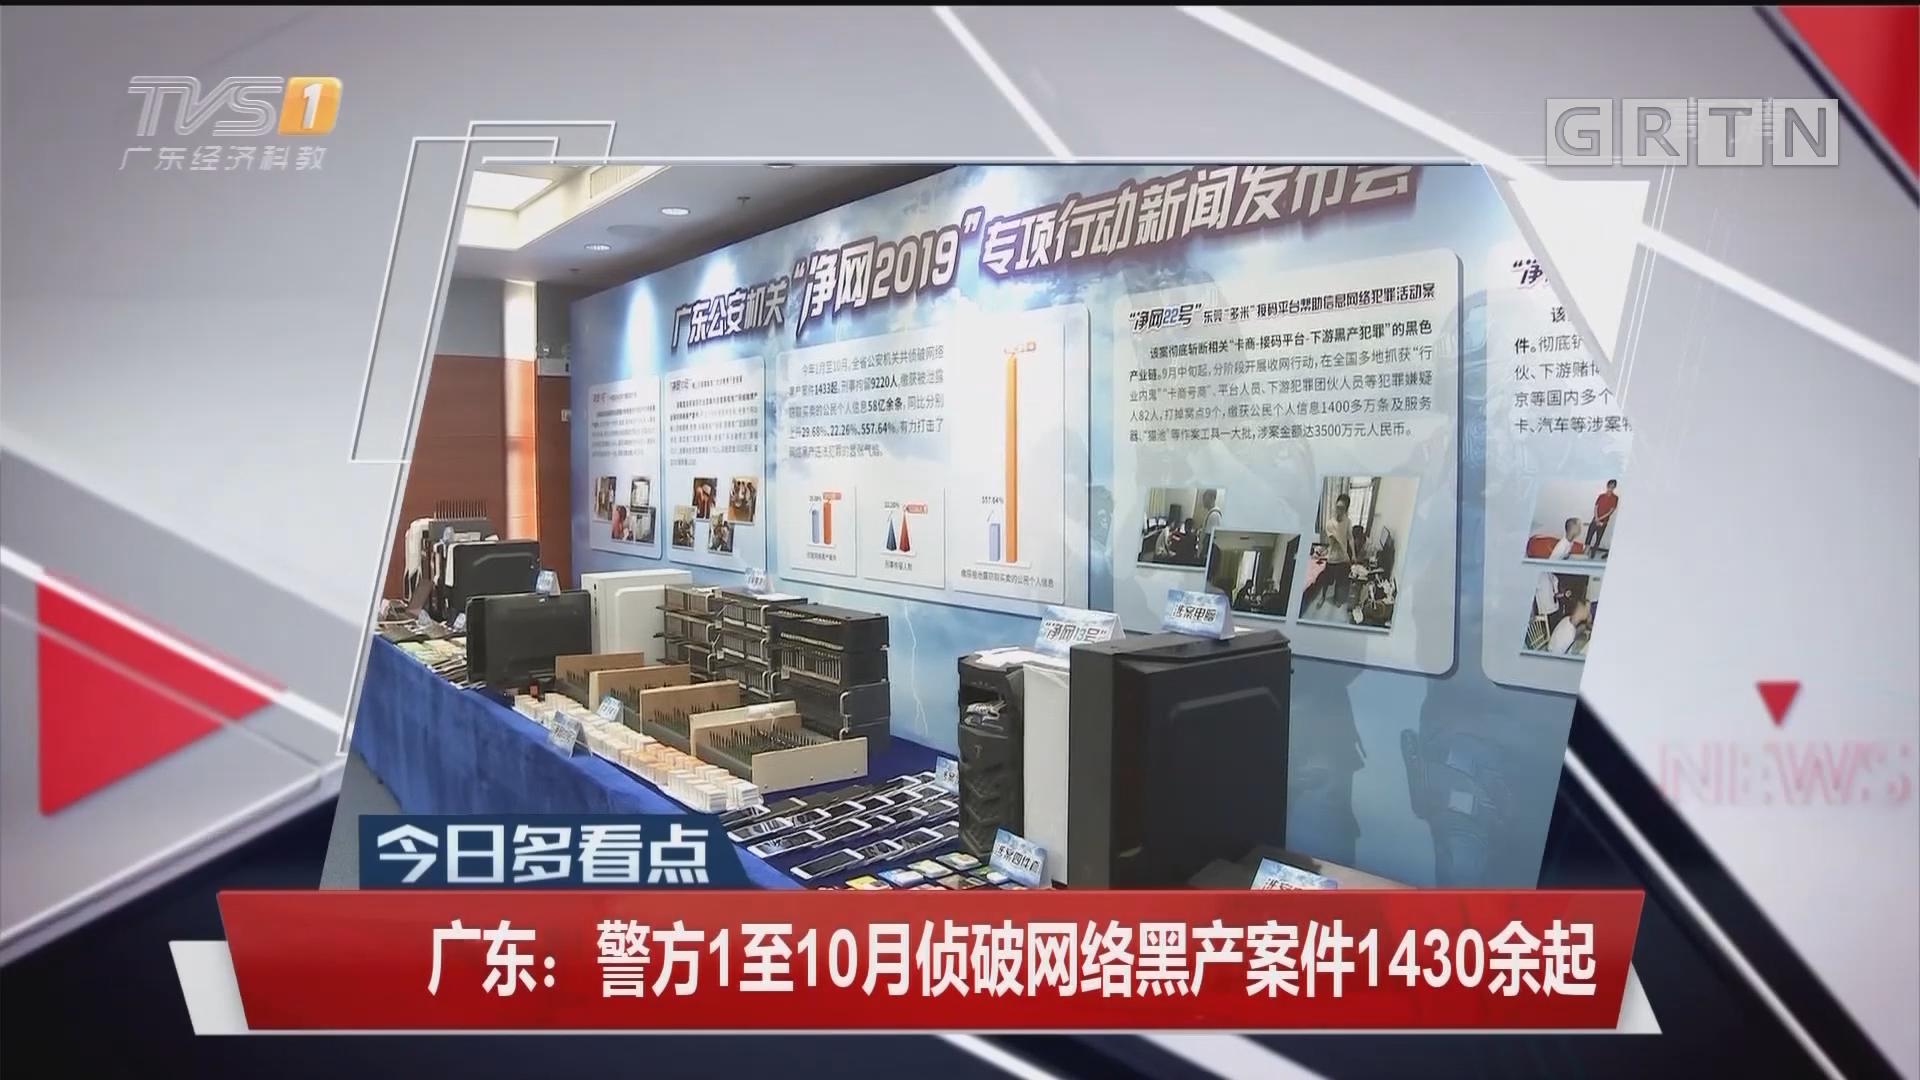 广东:警方1至10月侦破网络黑产案件1430余起